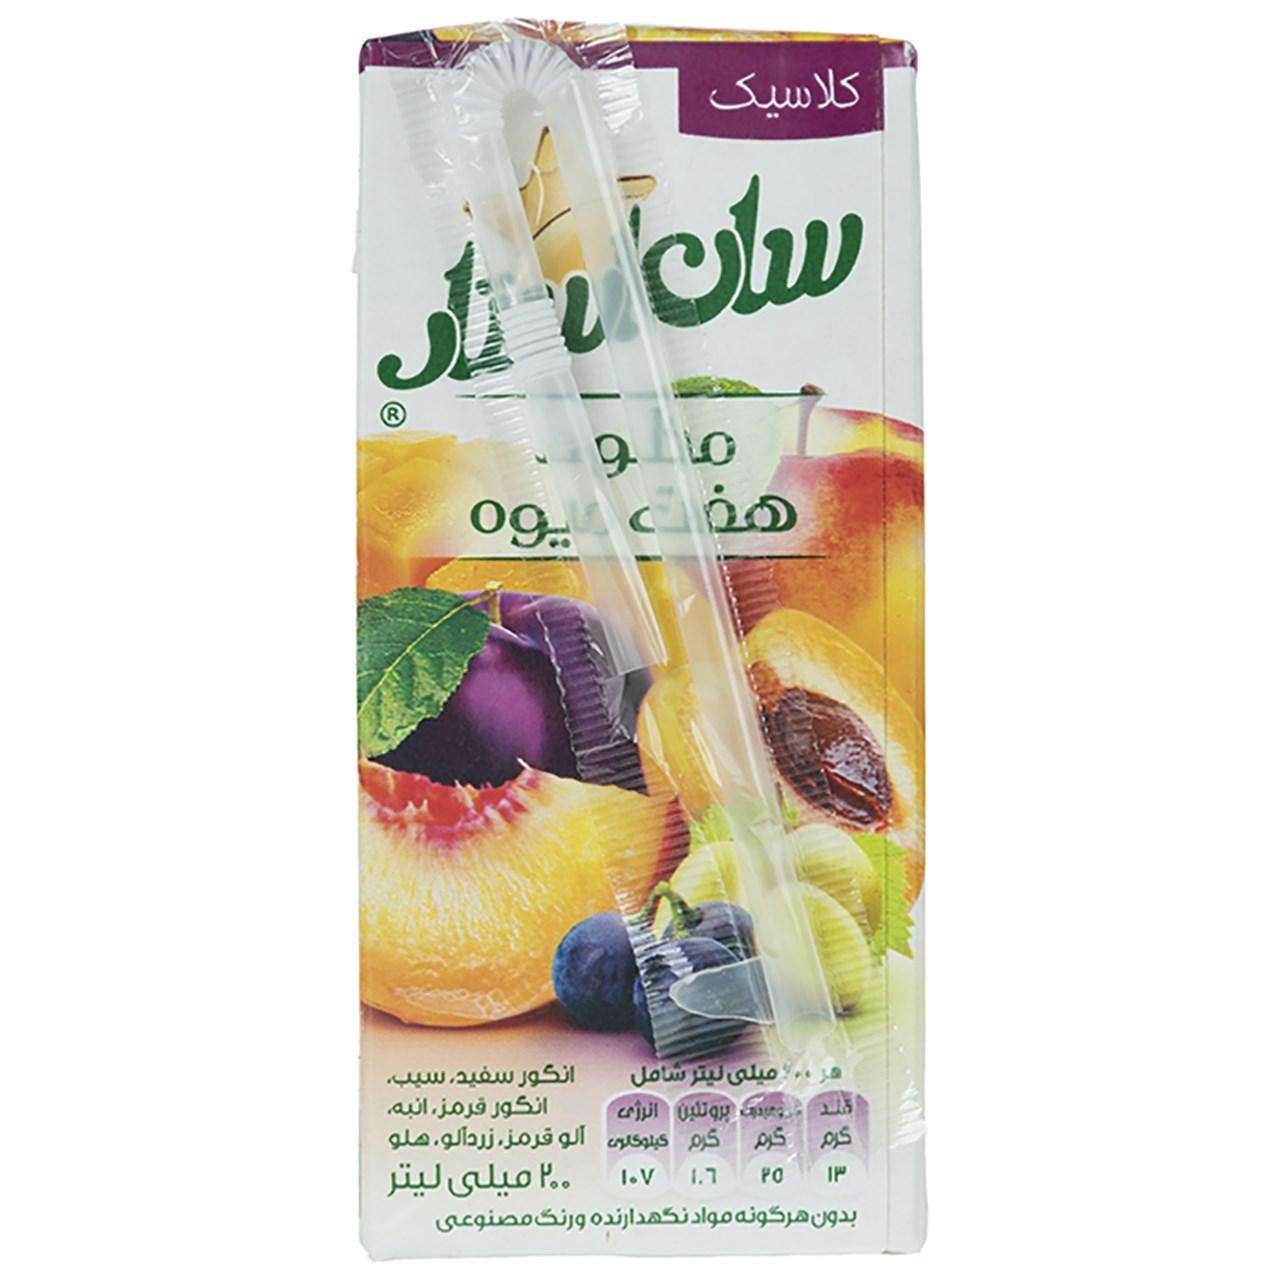 نکتار مخلوط هفت میوه سان استار حجم 0.2 لیتر